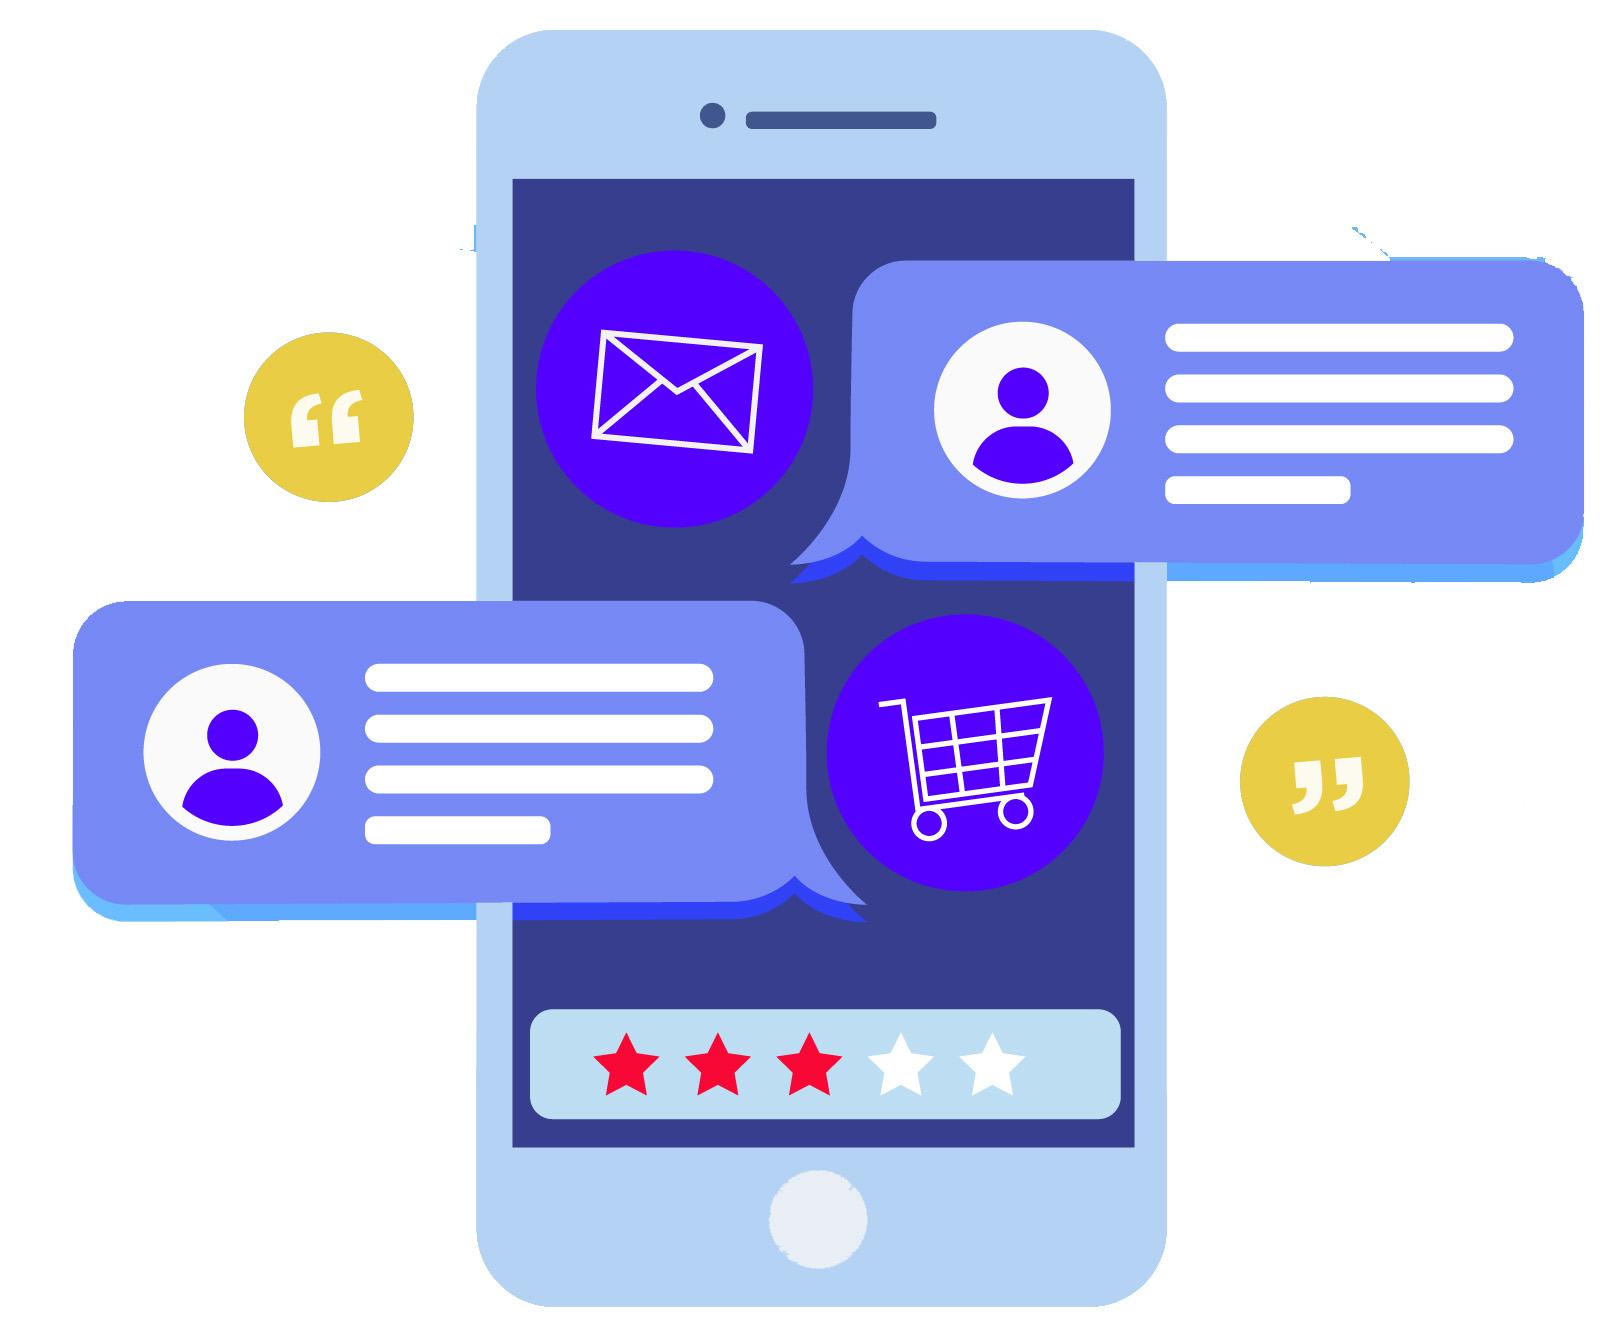 استفاده از نظرات آنلاین کاربران در افزایش فروش